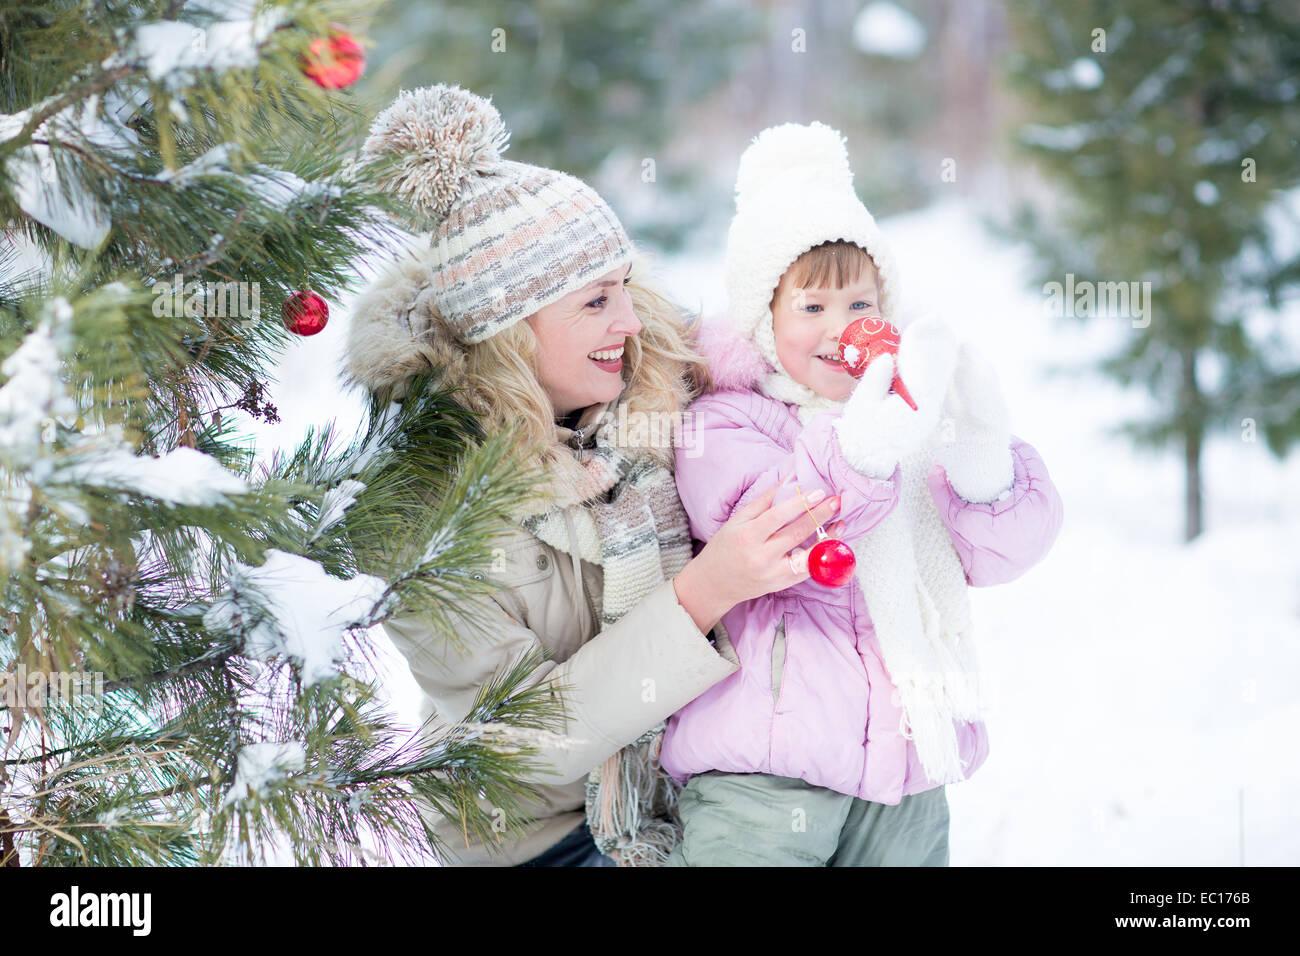 Felice genitore e bambino gioca con decorazioni natalizie per esterno Immagini Stock